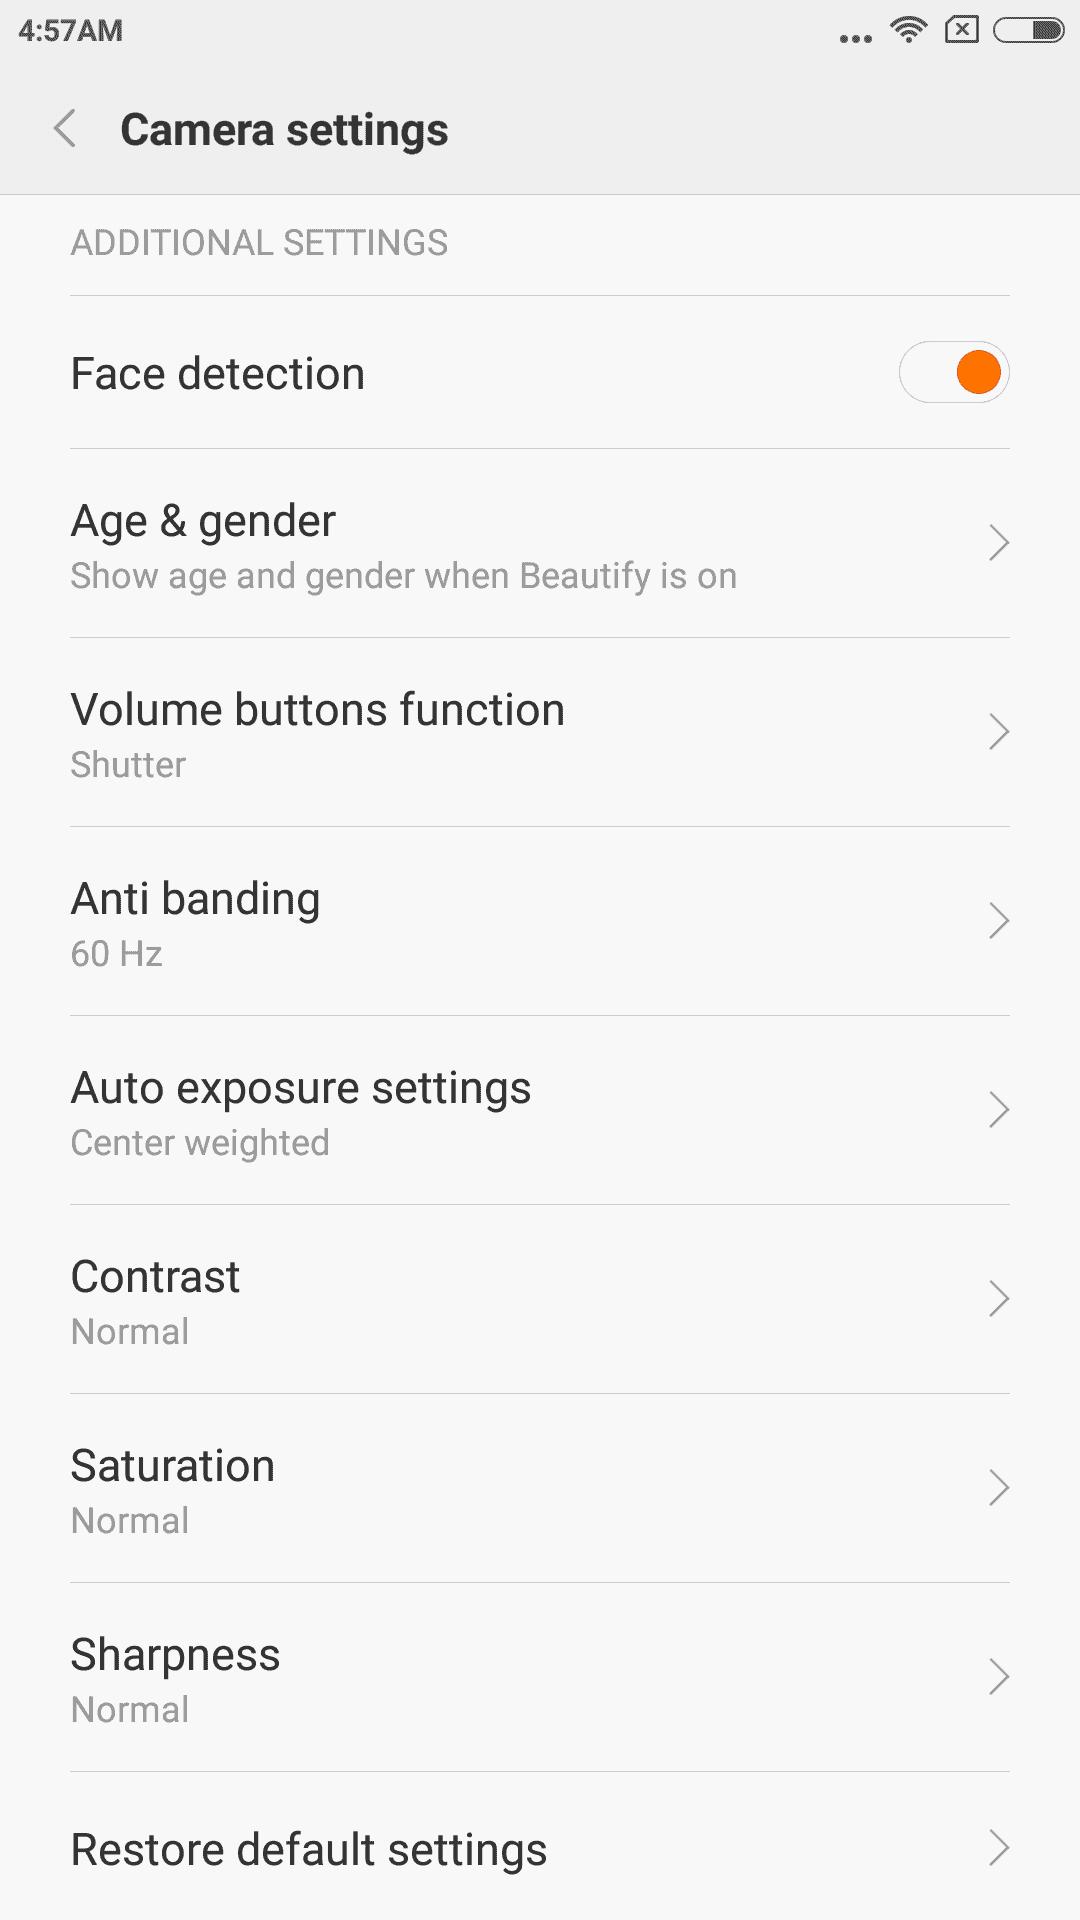 Screenshot 2016 04 10 04 57 18 com.android.camera